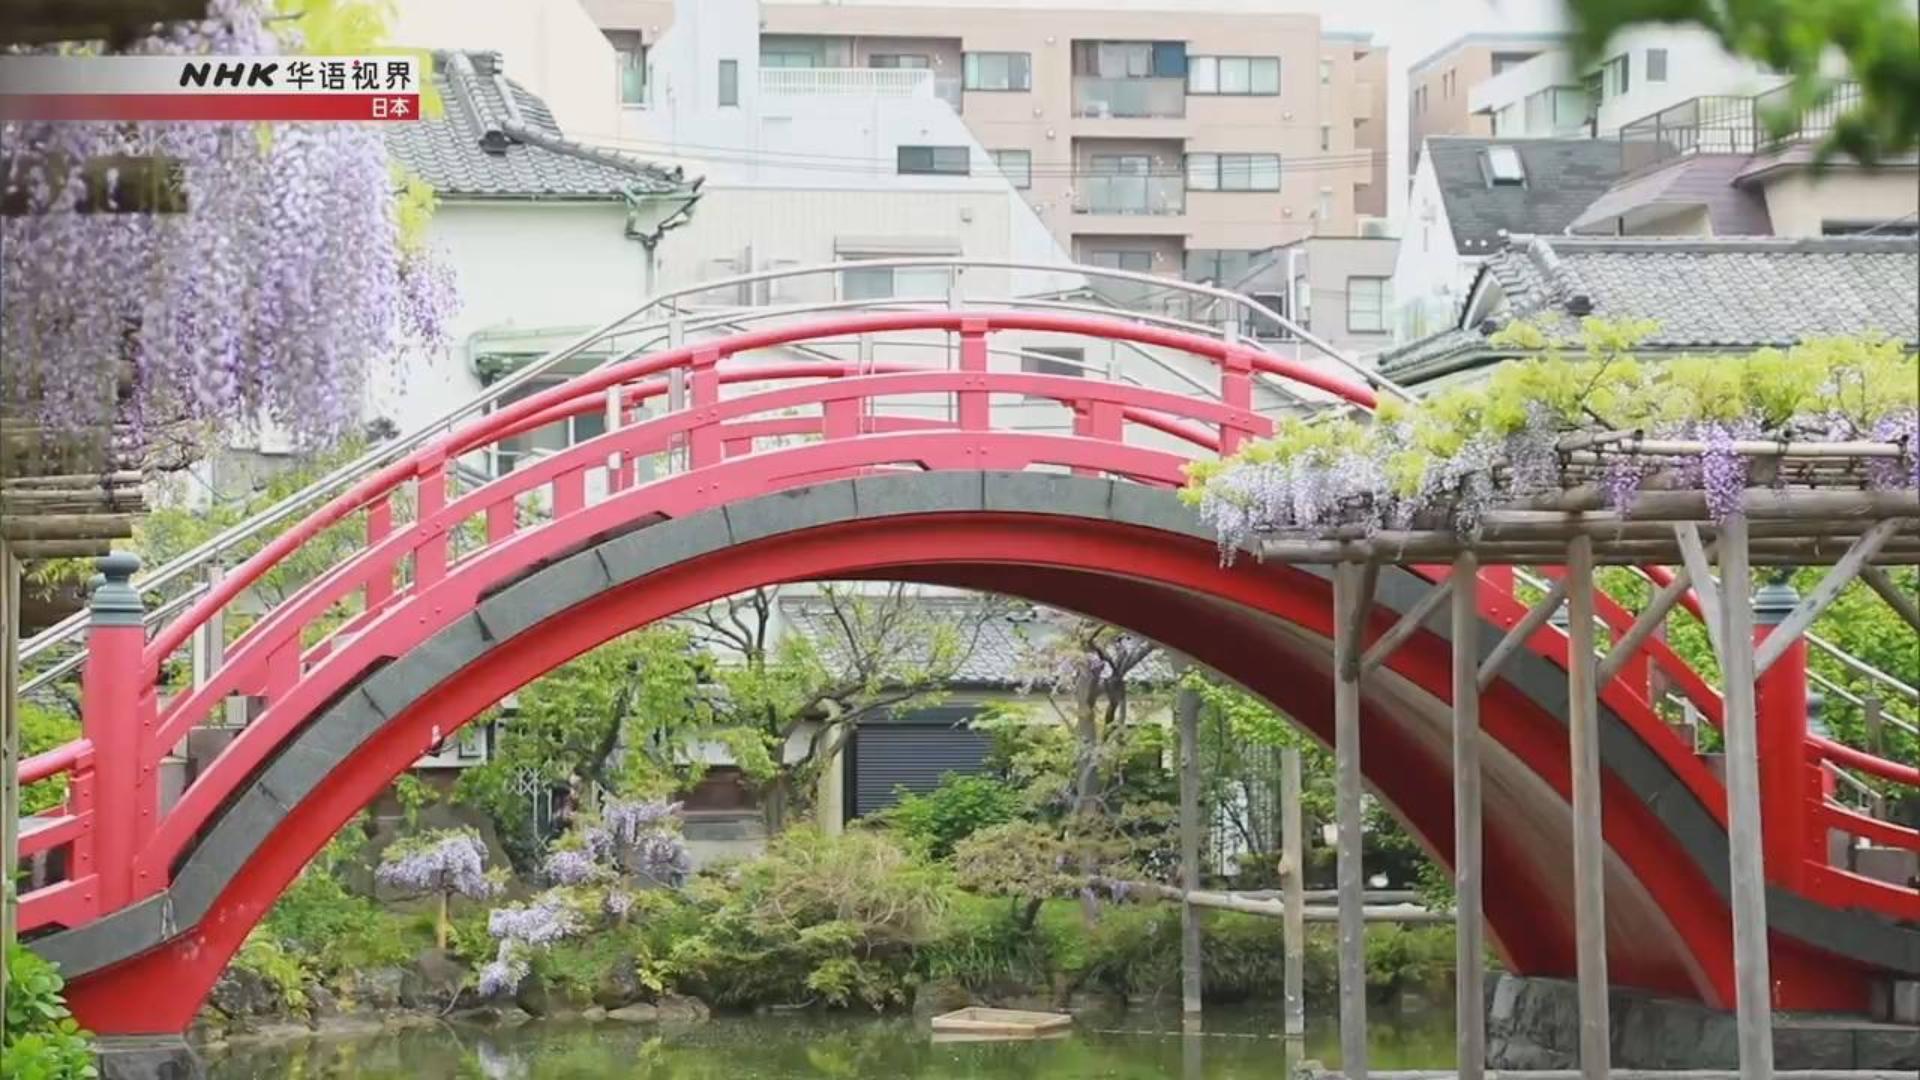 纪录片.NHK.东京视角2020.迷人朴实的龟户[片头]